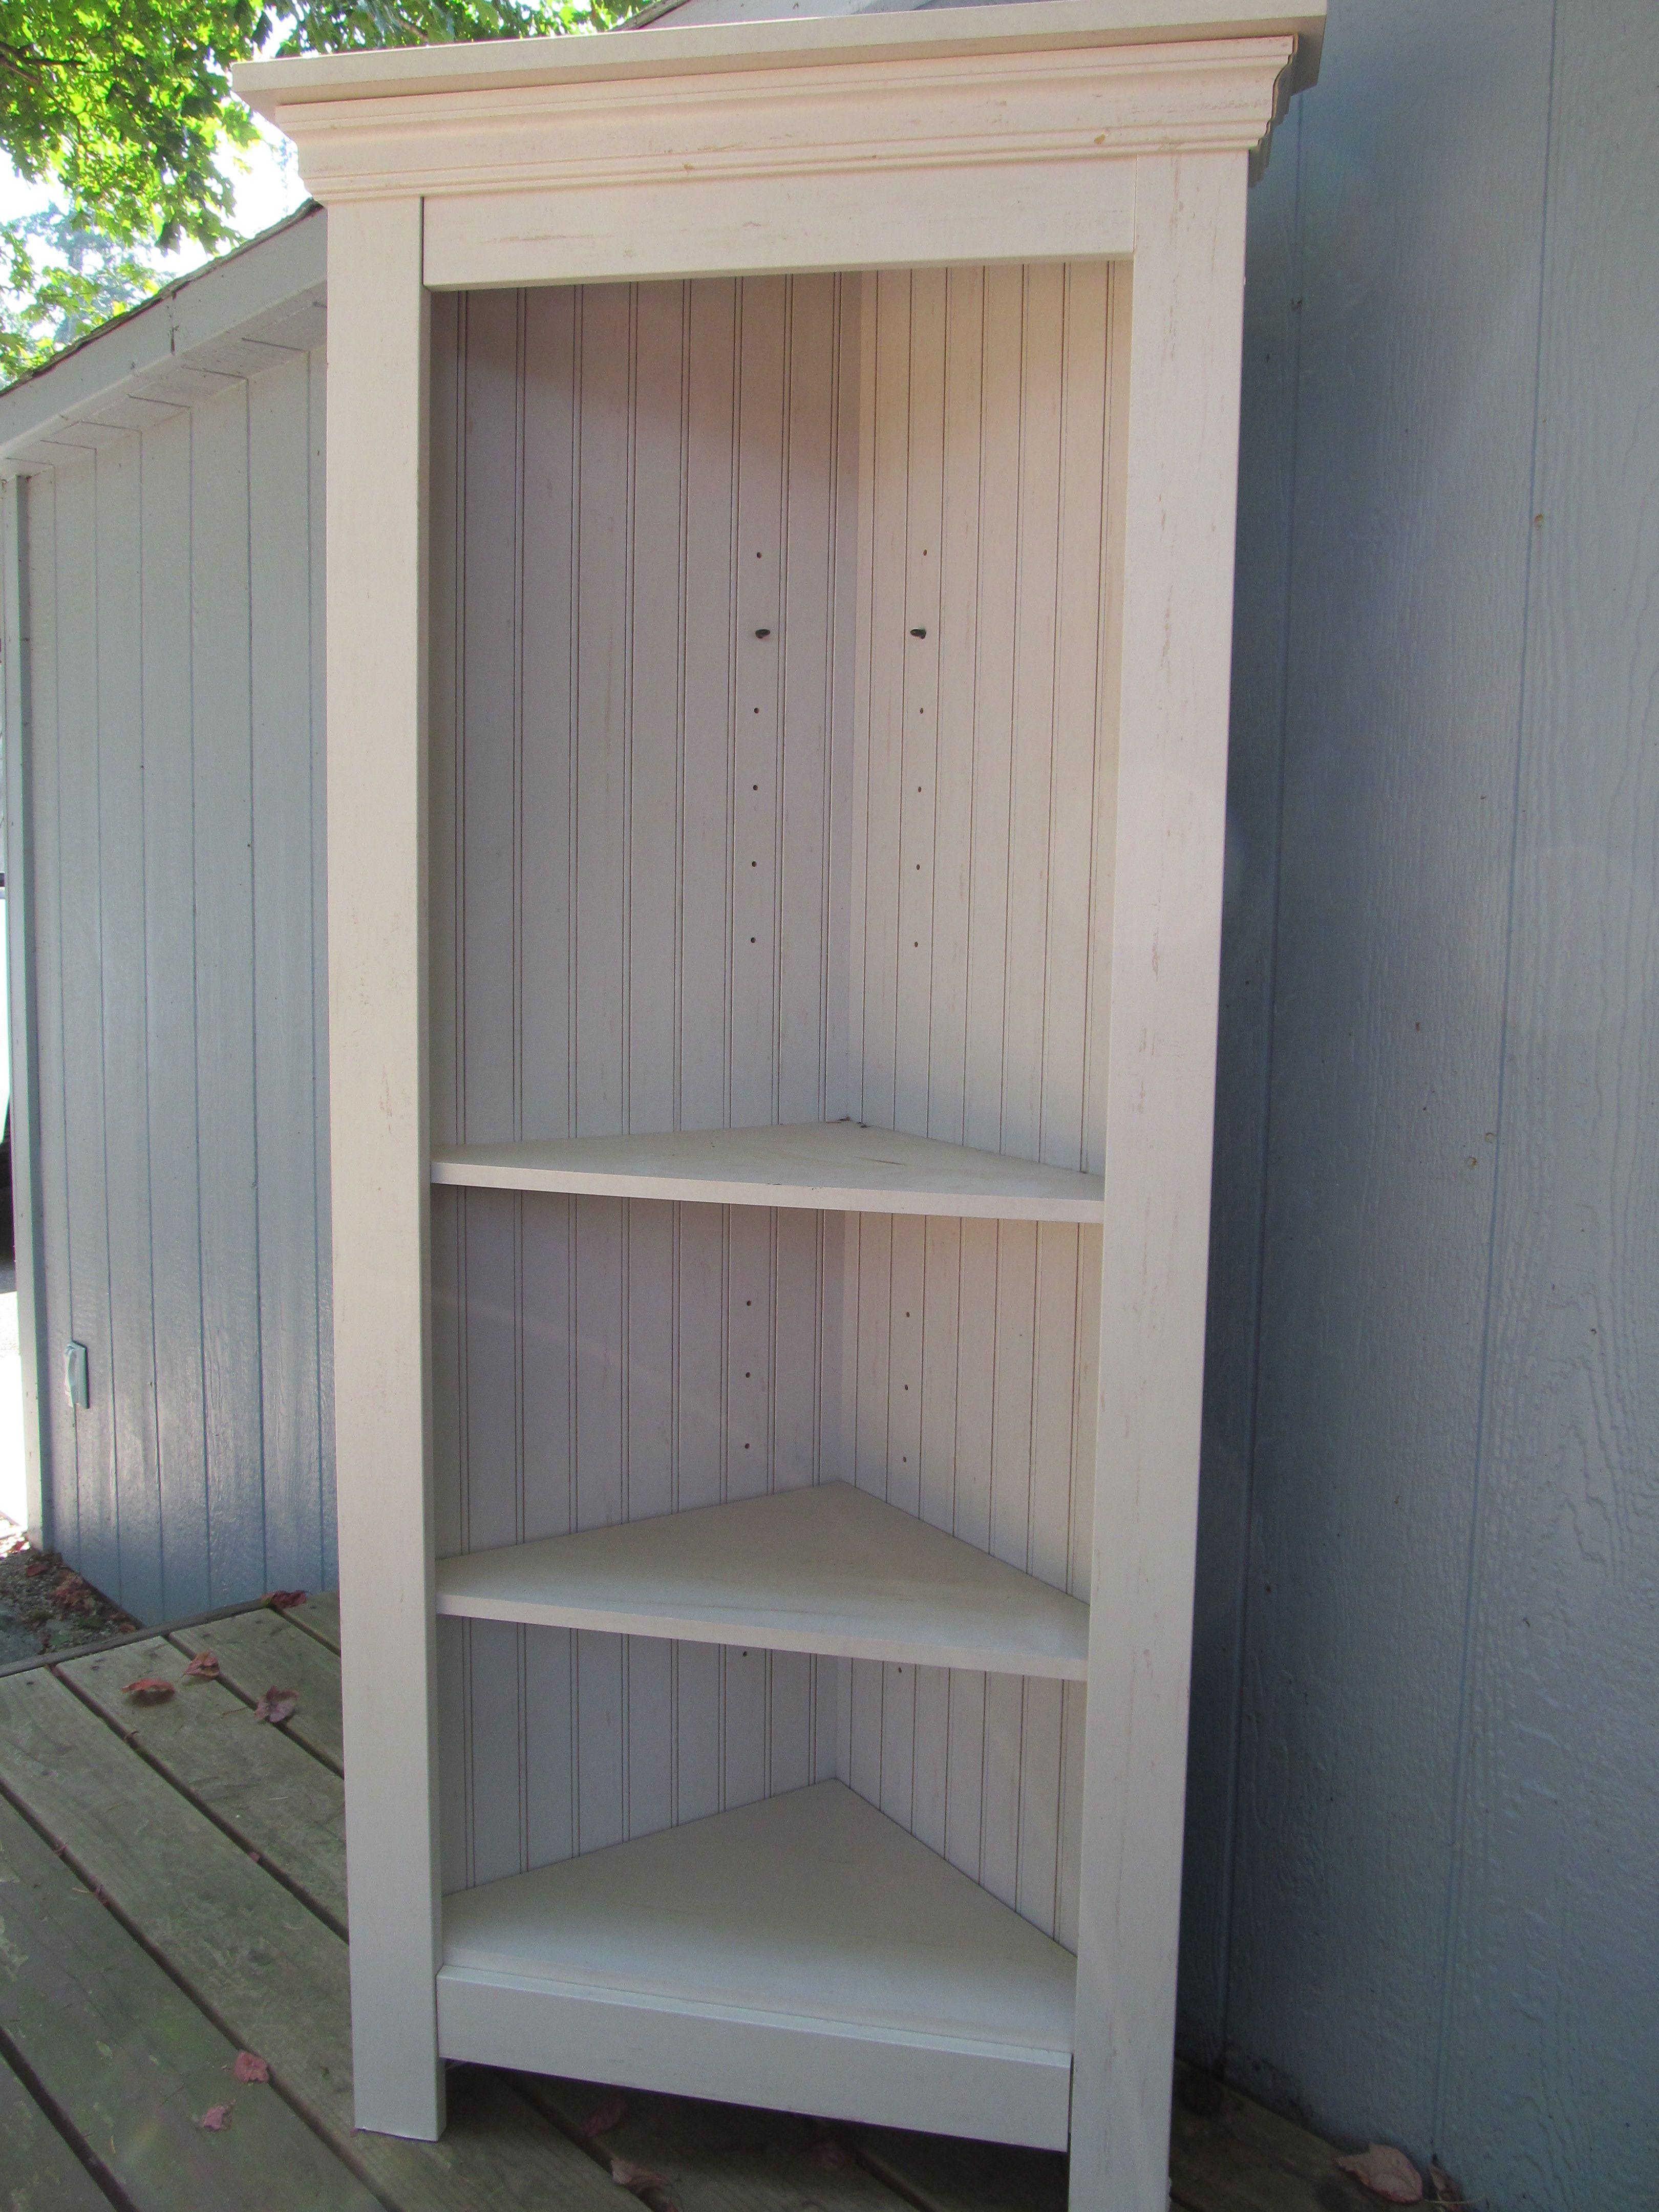 Tall Beadboard Corner Shelves For the Home Pinterest